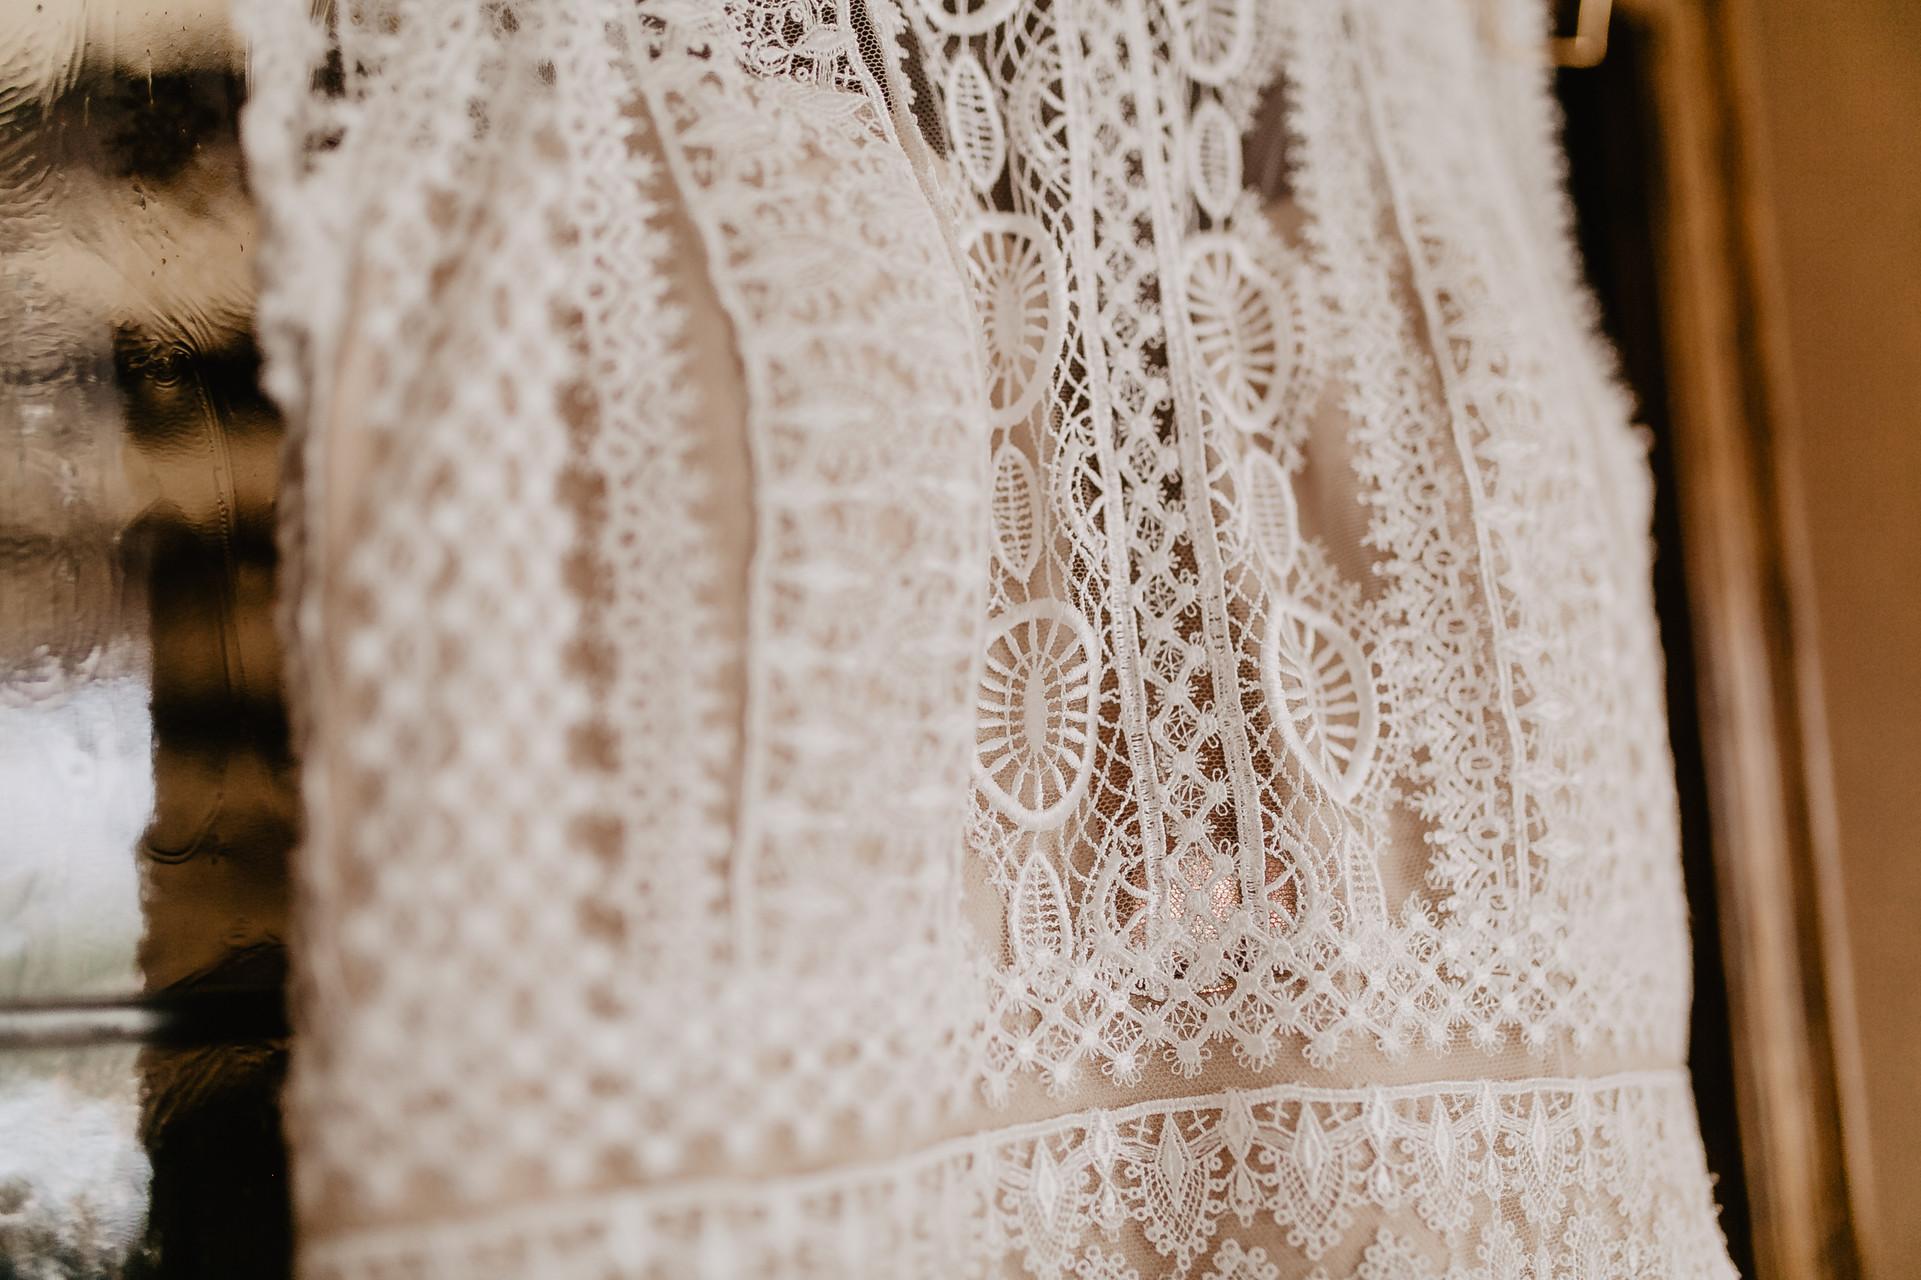 Hochzeit_Insul_Keulers_Lichtliebe_06.JPG